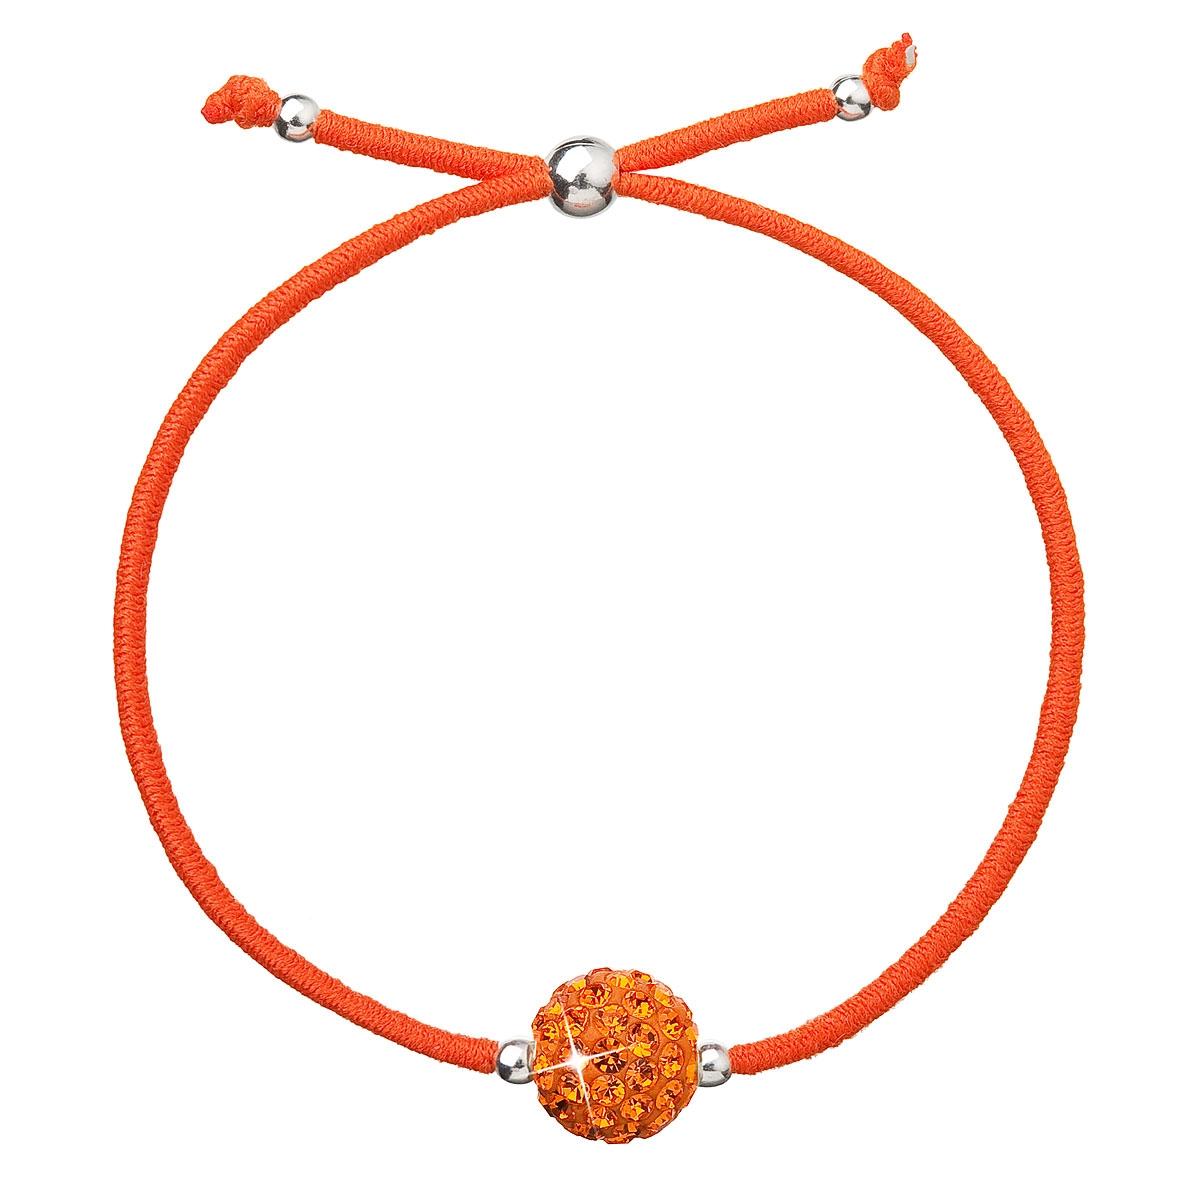 Náramok s kryštálmi Crystals from Swarovski ® Oranžový